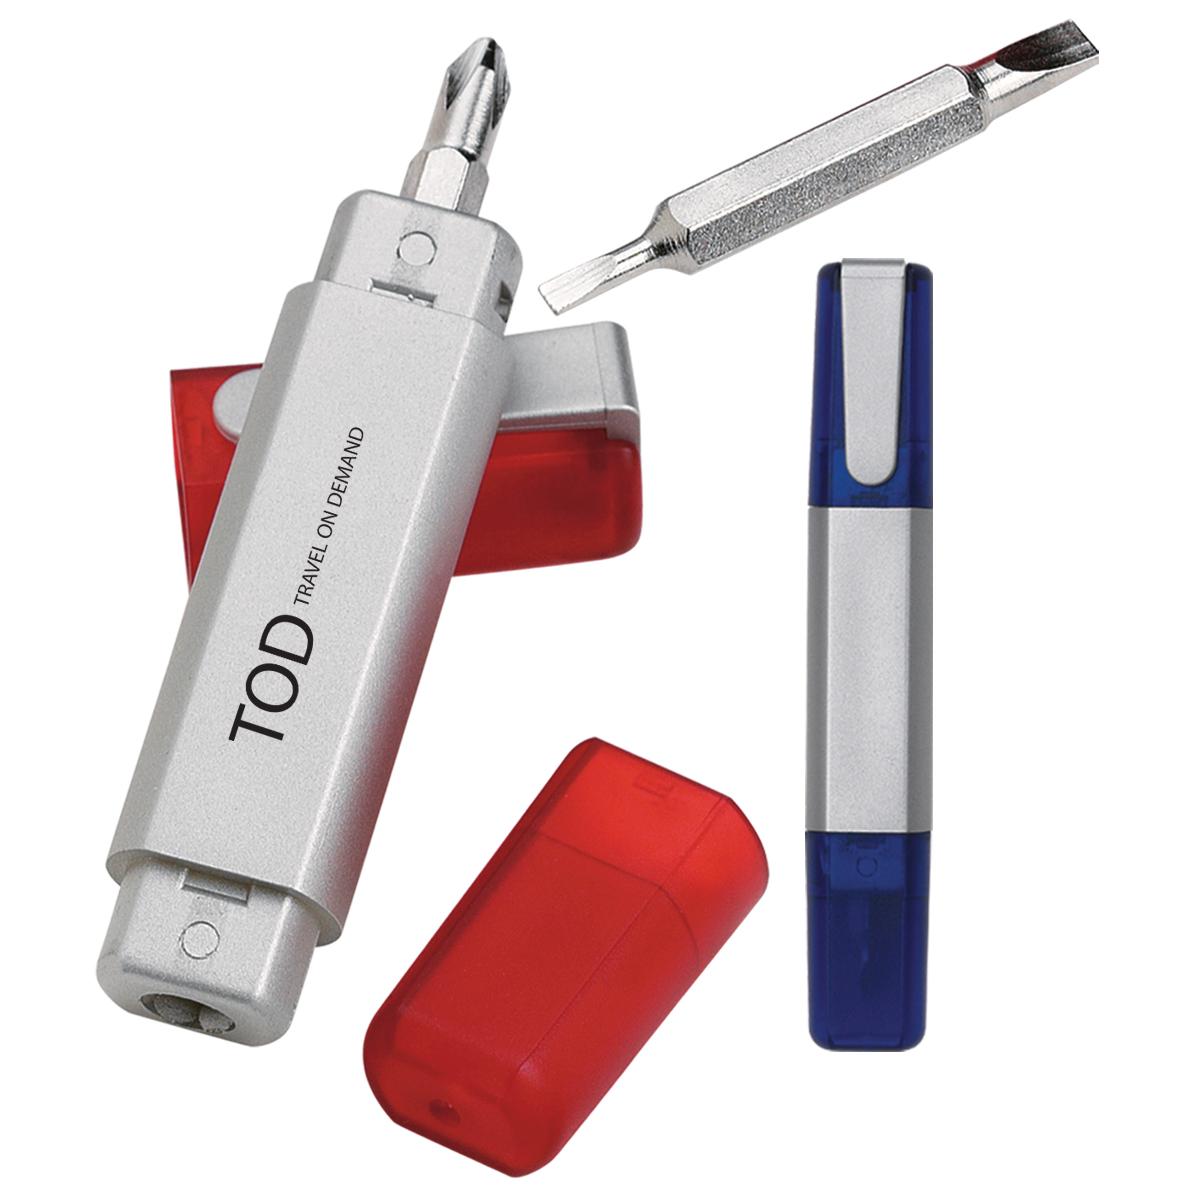 #CM 7222 Pocket Screwdriver Kit 1